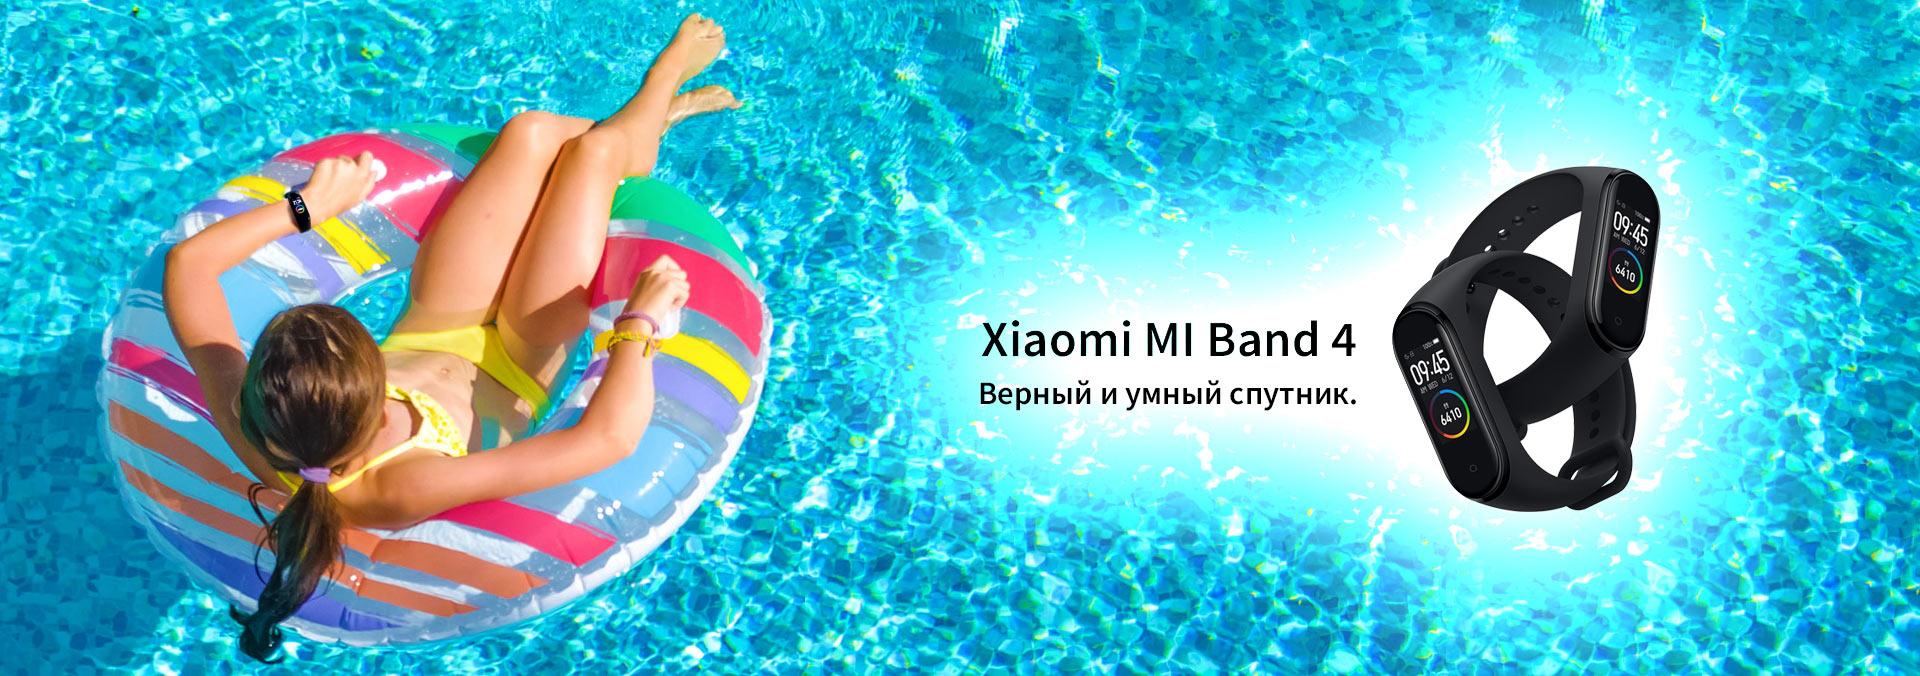 Xiaomi Mi Band 4 купить в СПб